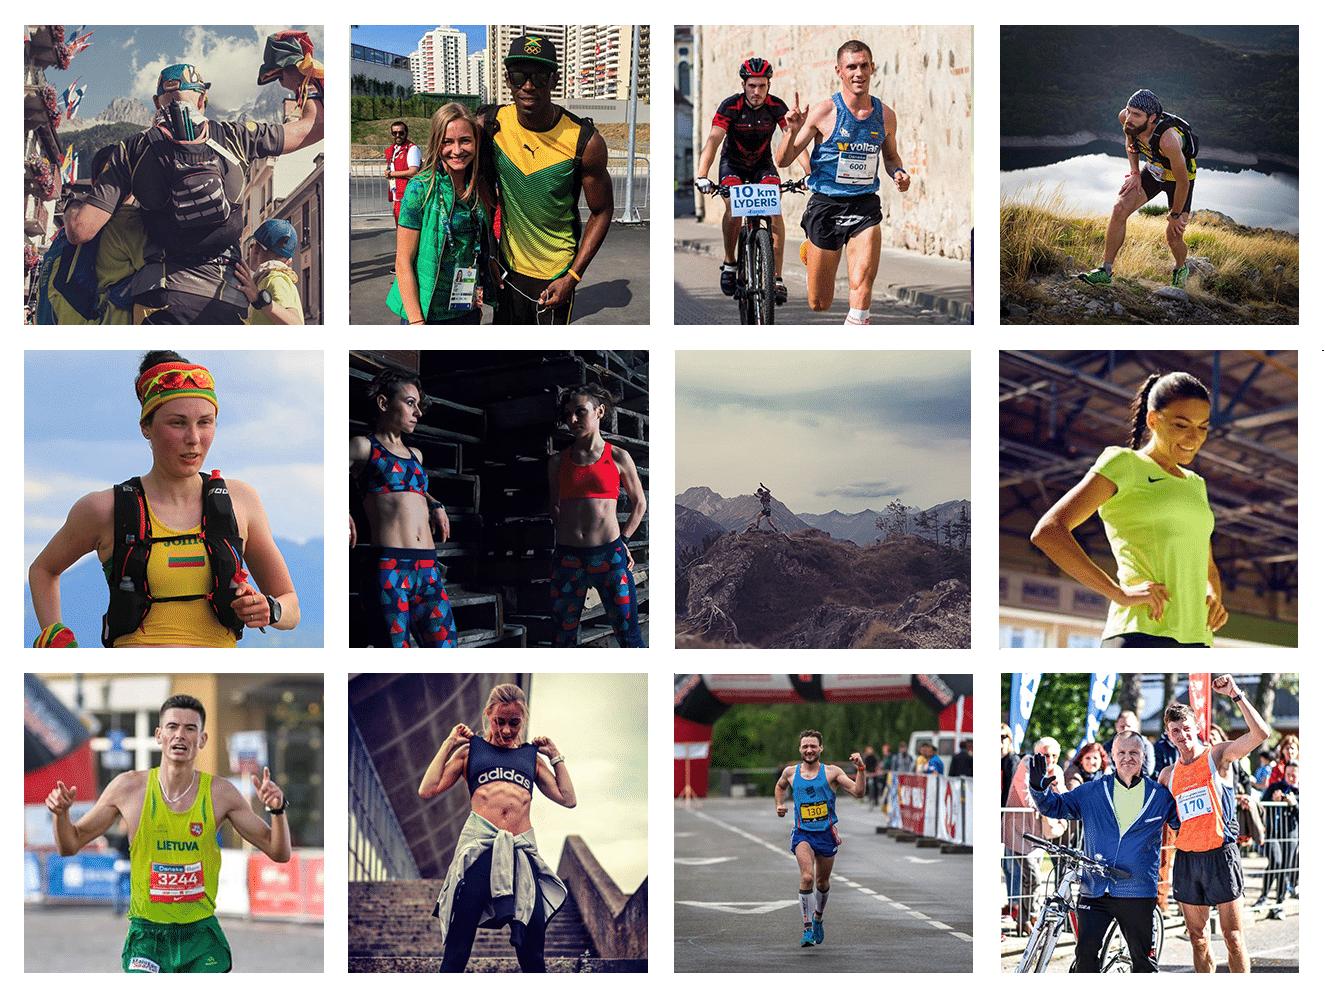 Profesionalūs bėgikai, kurie pasakoja istorijas. Kas jie?